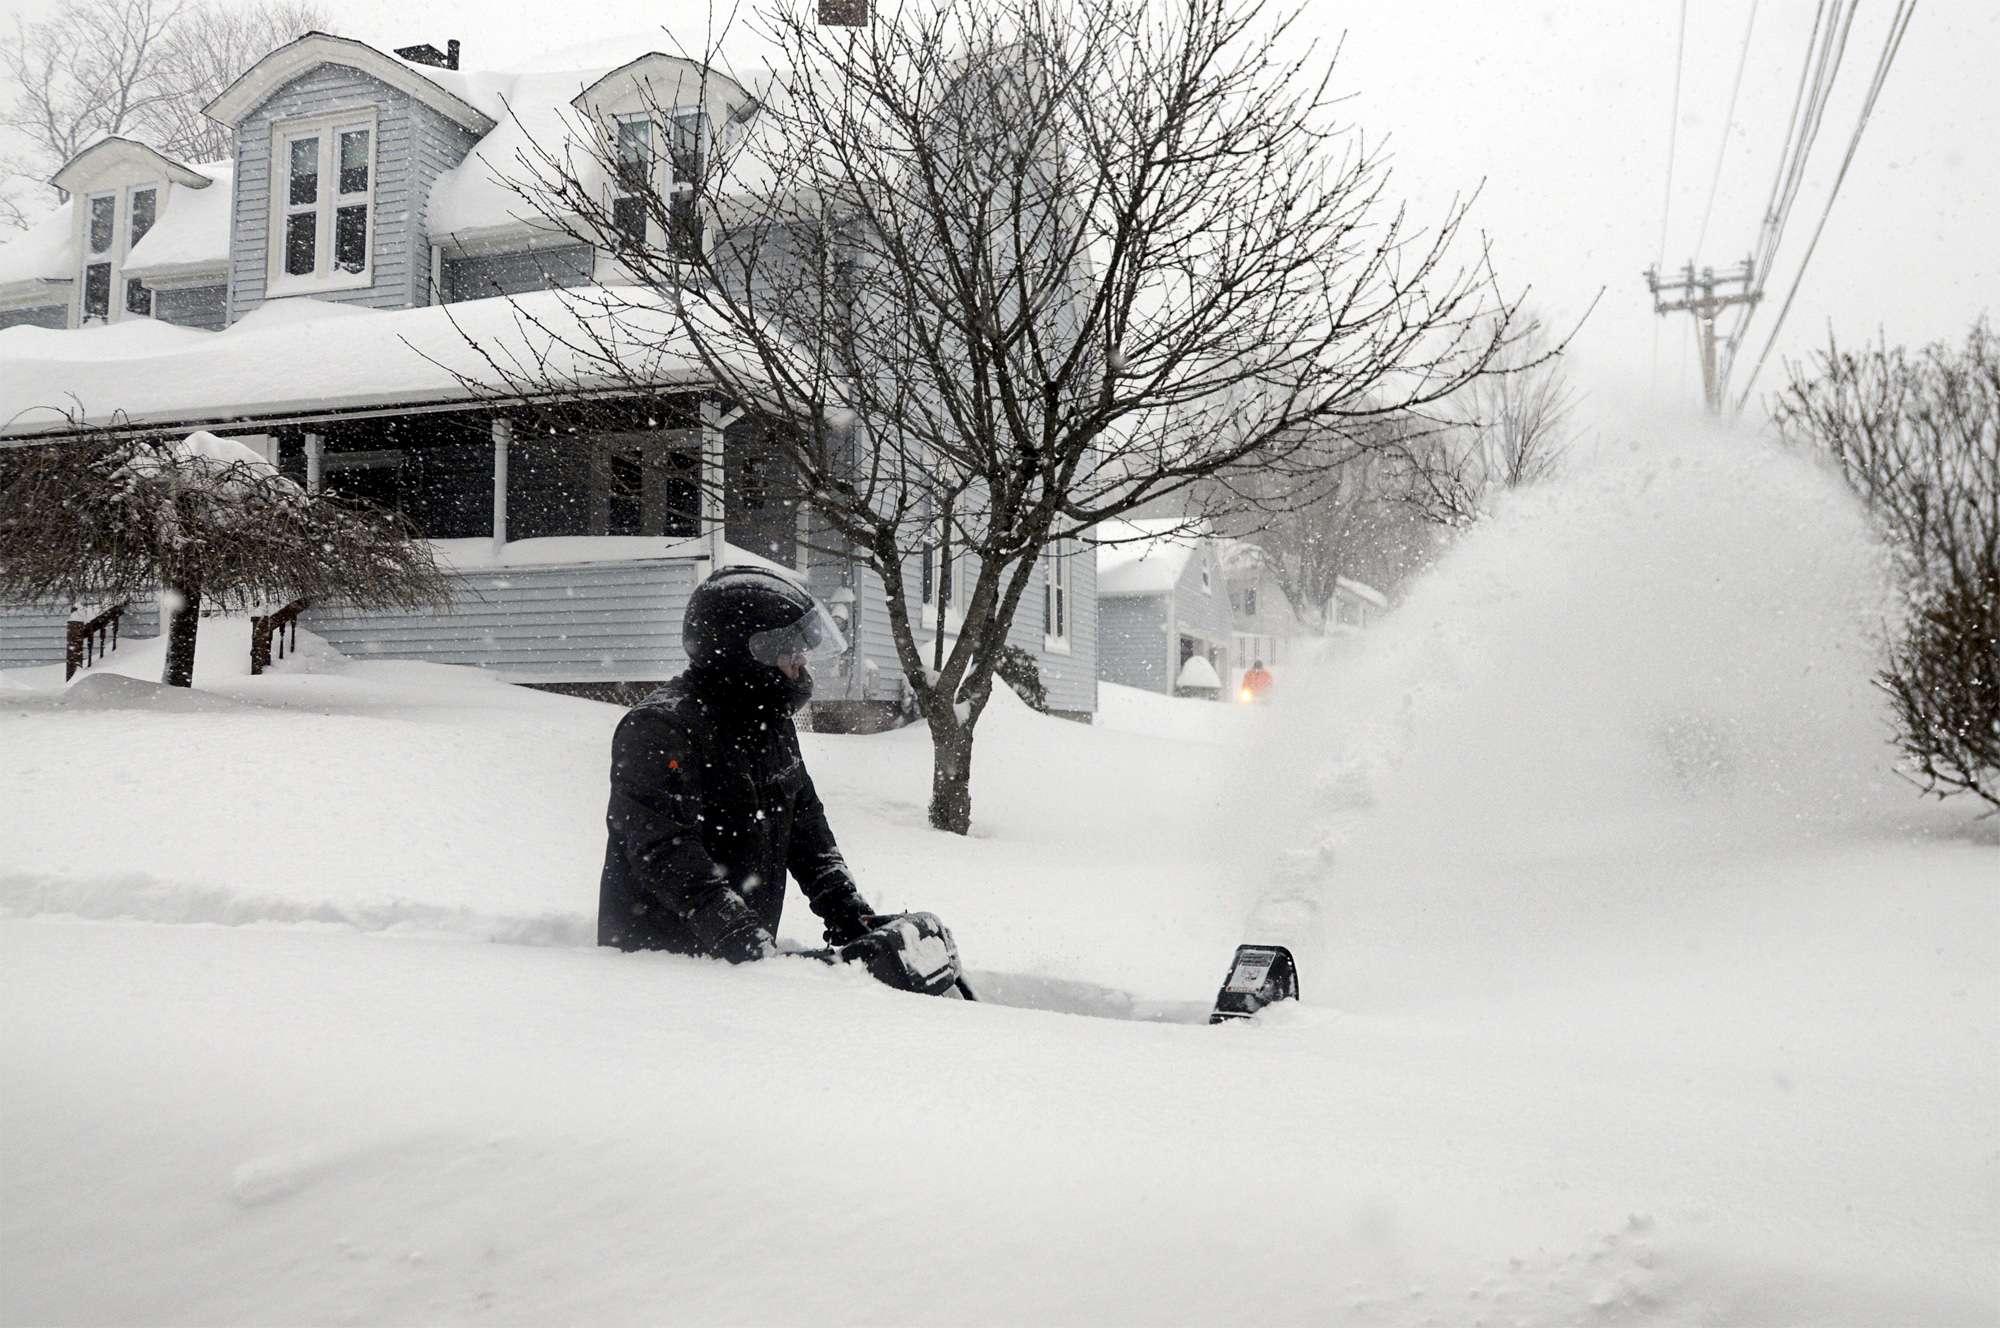 John Slasell retira nieve que le llega casi hasta la cintura en una acera en la calle Slater en la localidad de Webster, Massachusetts, el martes 27 de enero de 2015. Foto: AP en español